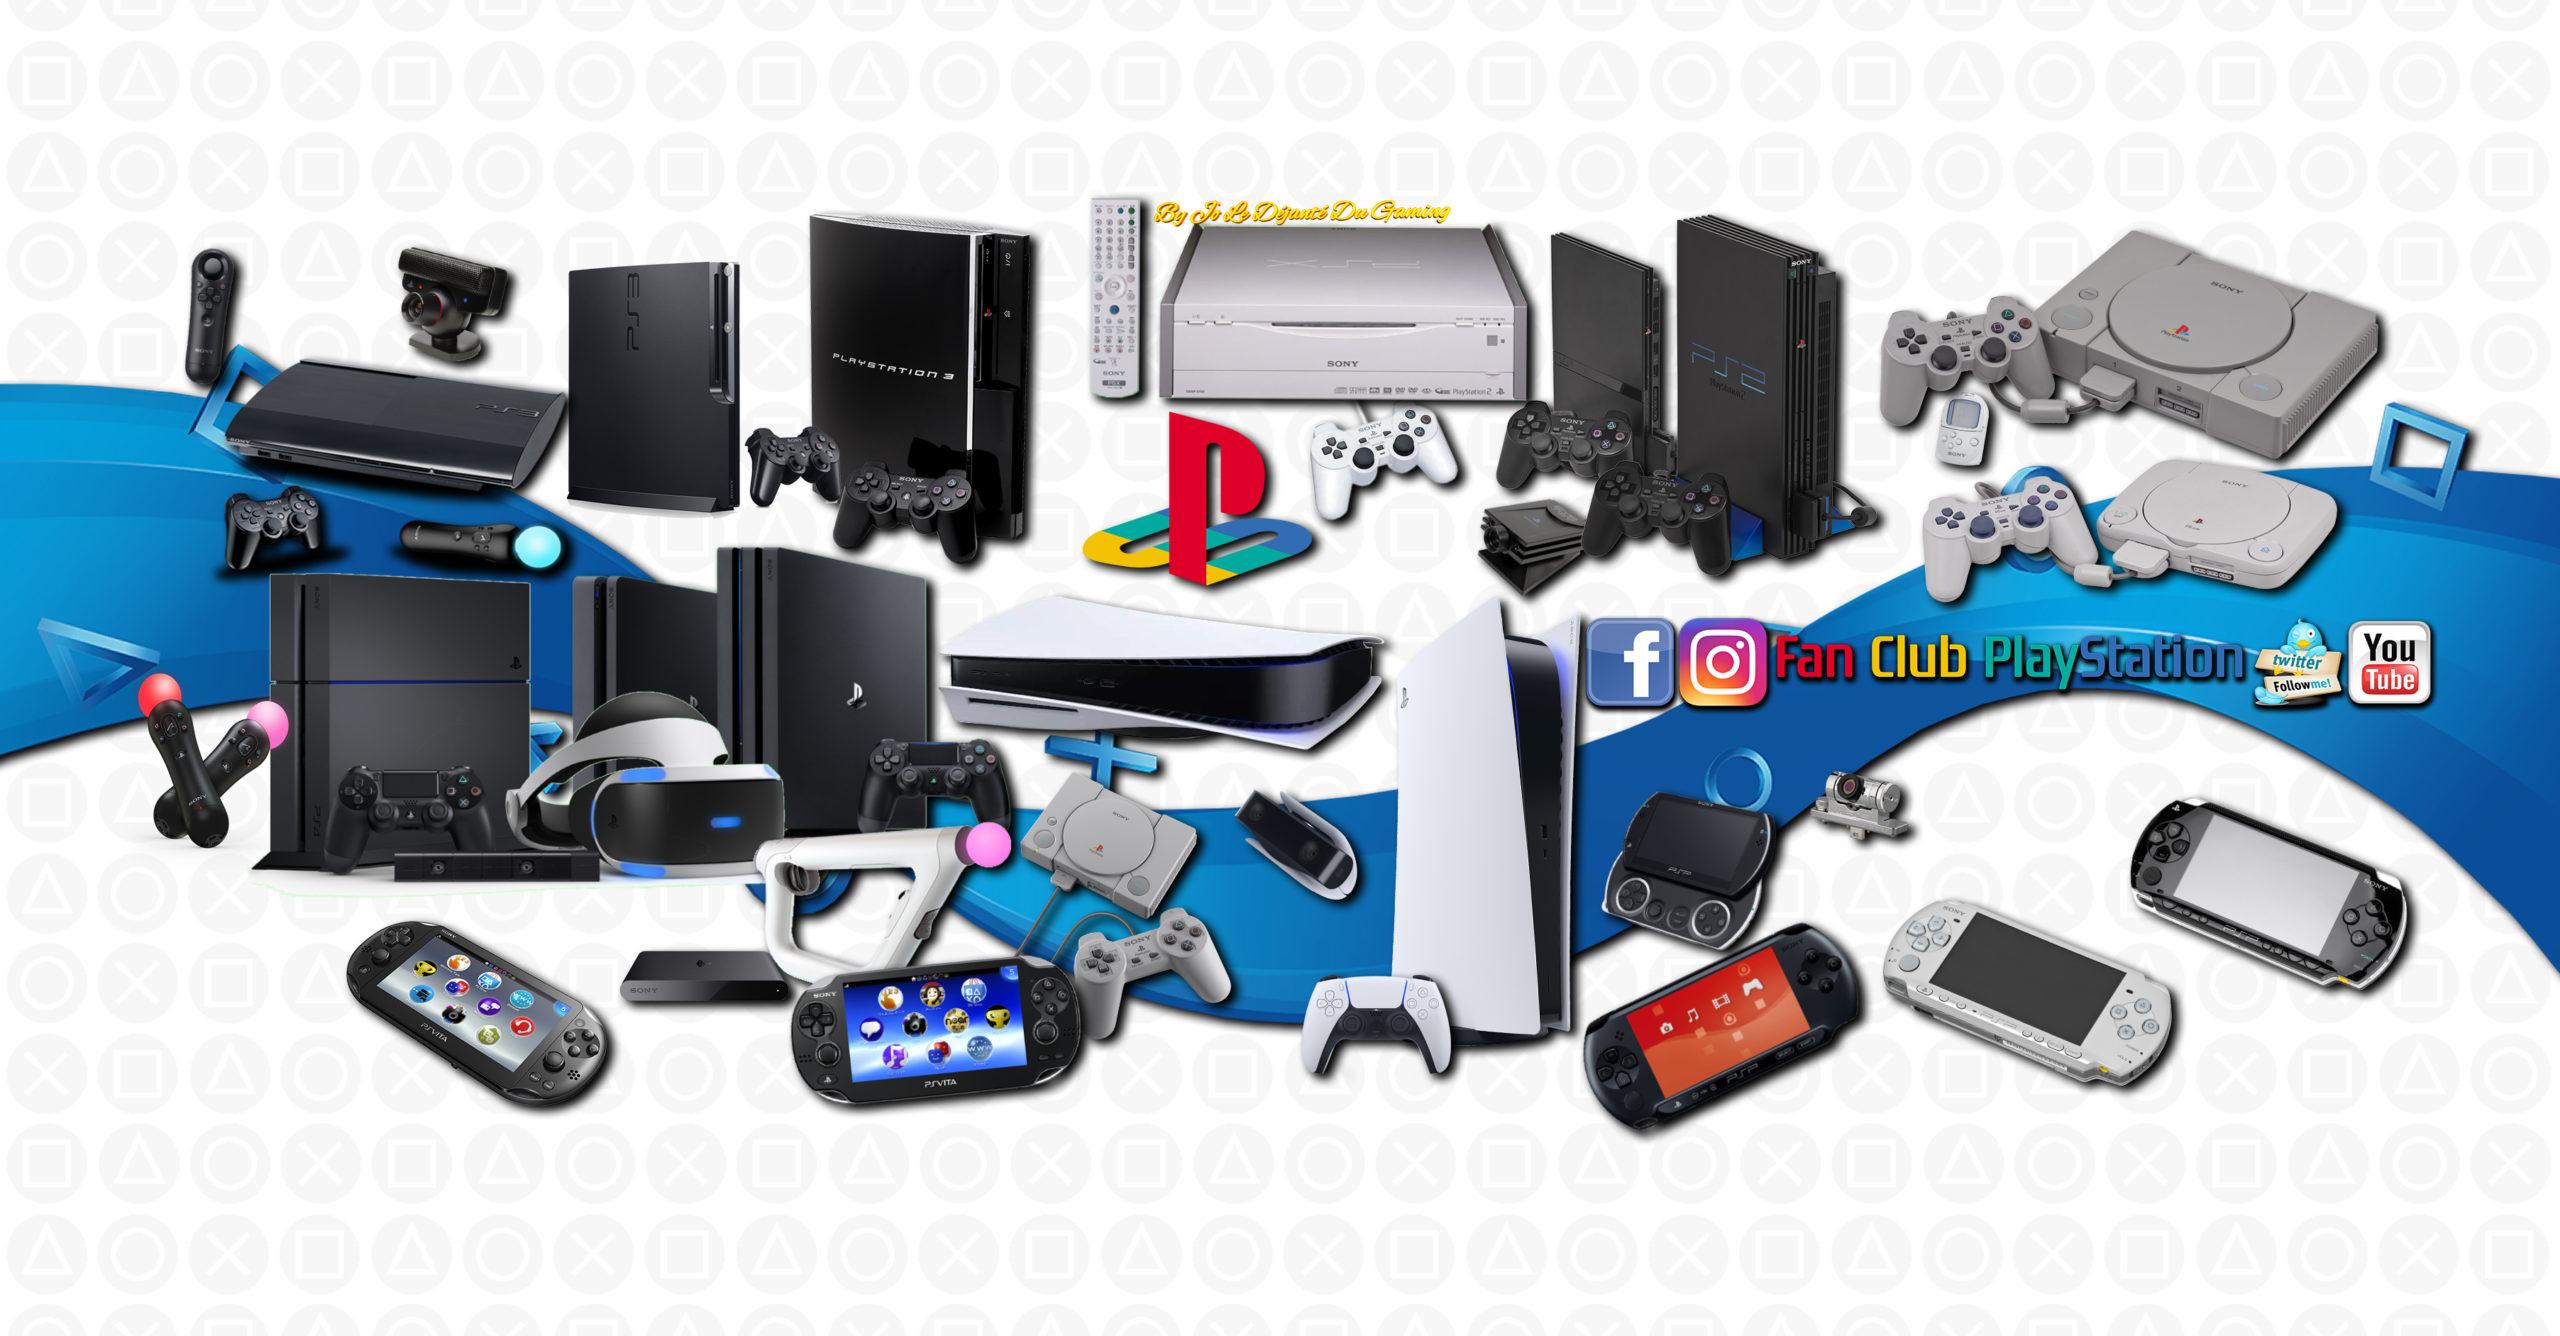 Présentation du Fan Club PlayStation